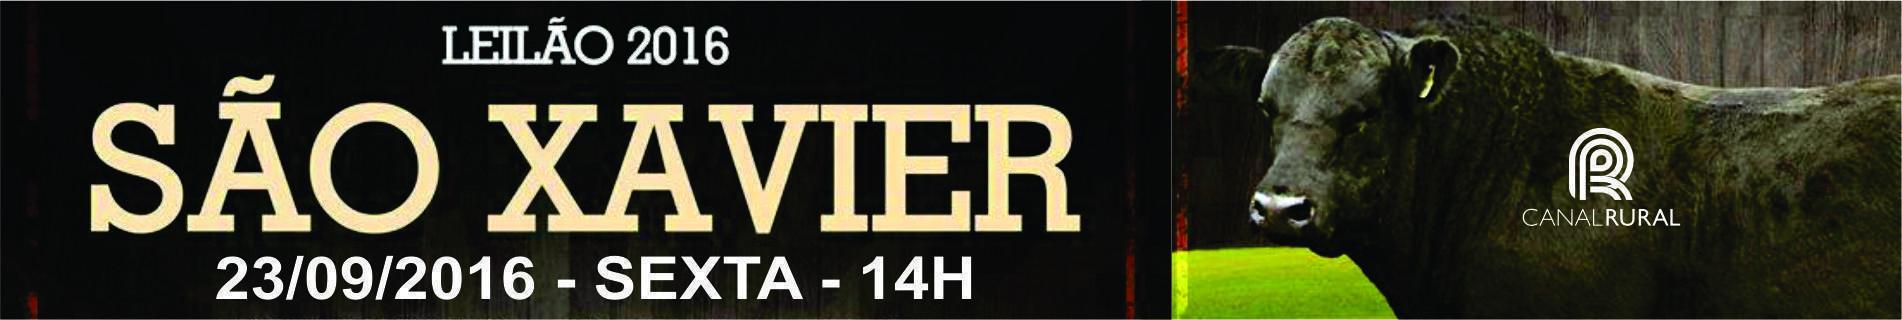 S�o Xavier 2016